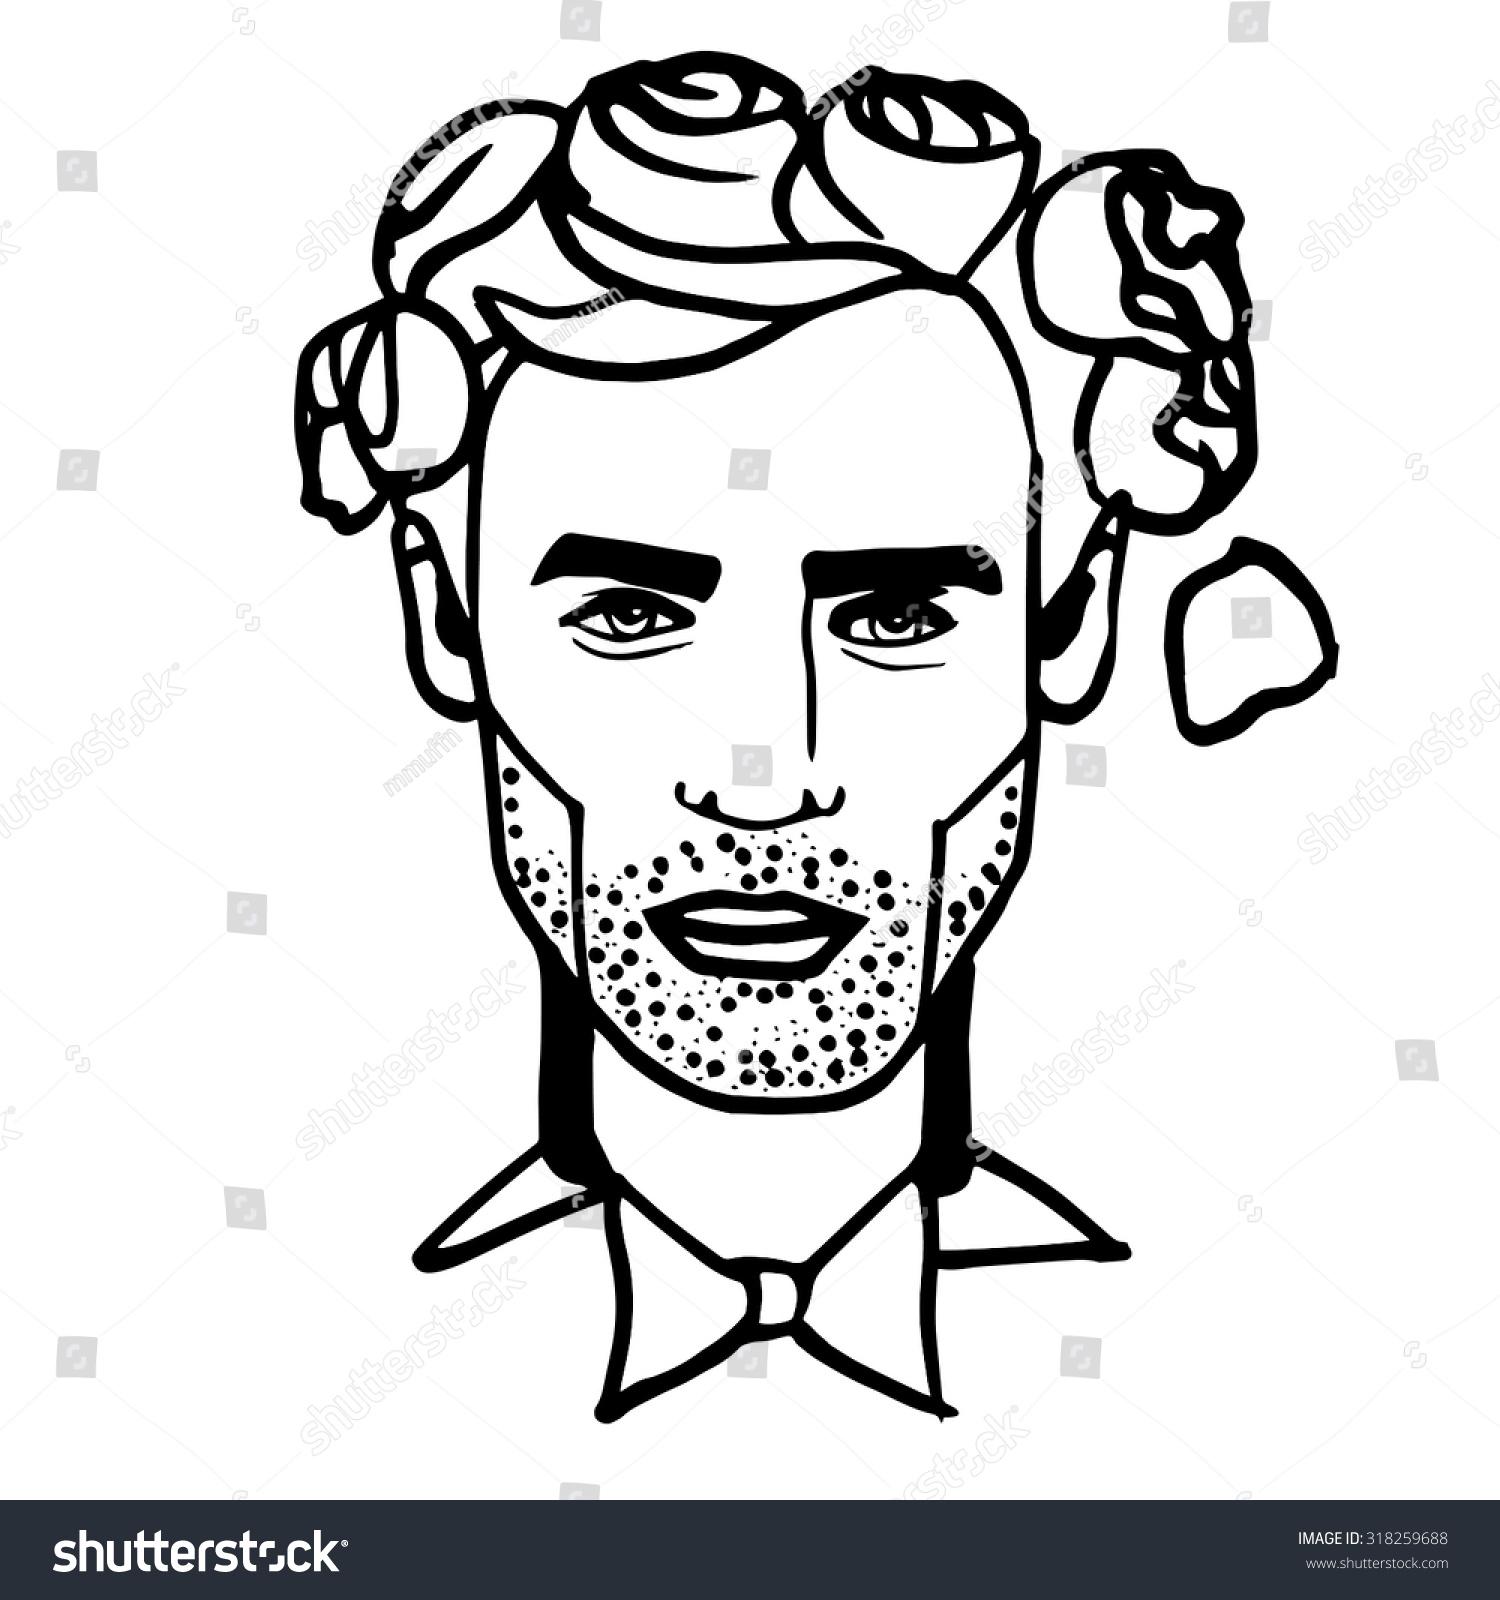 man face portrait portrait black white のベクター画像素材